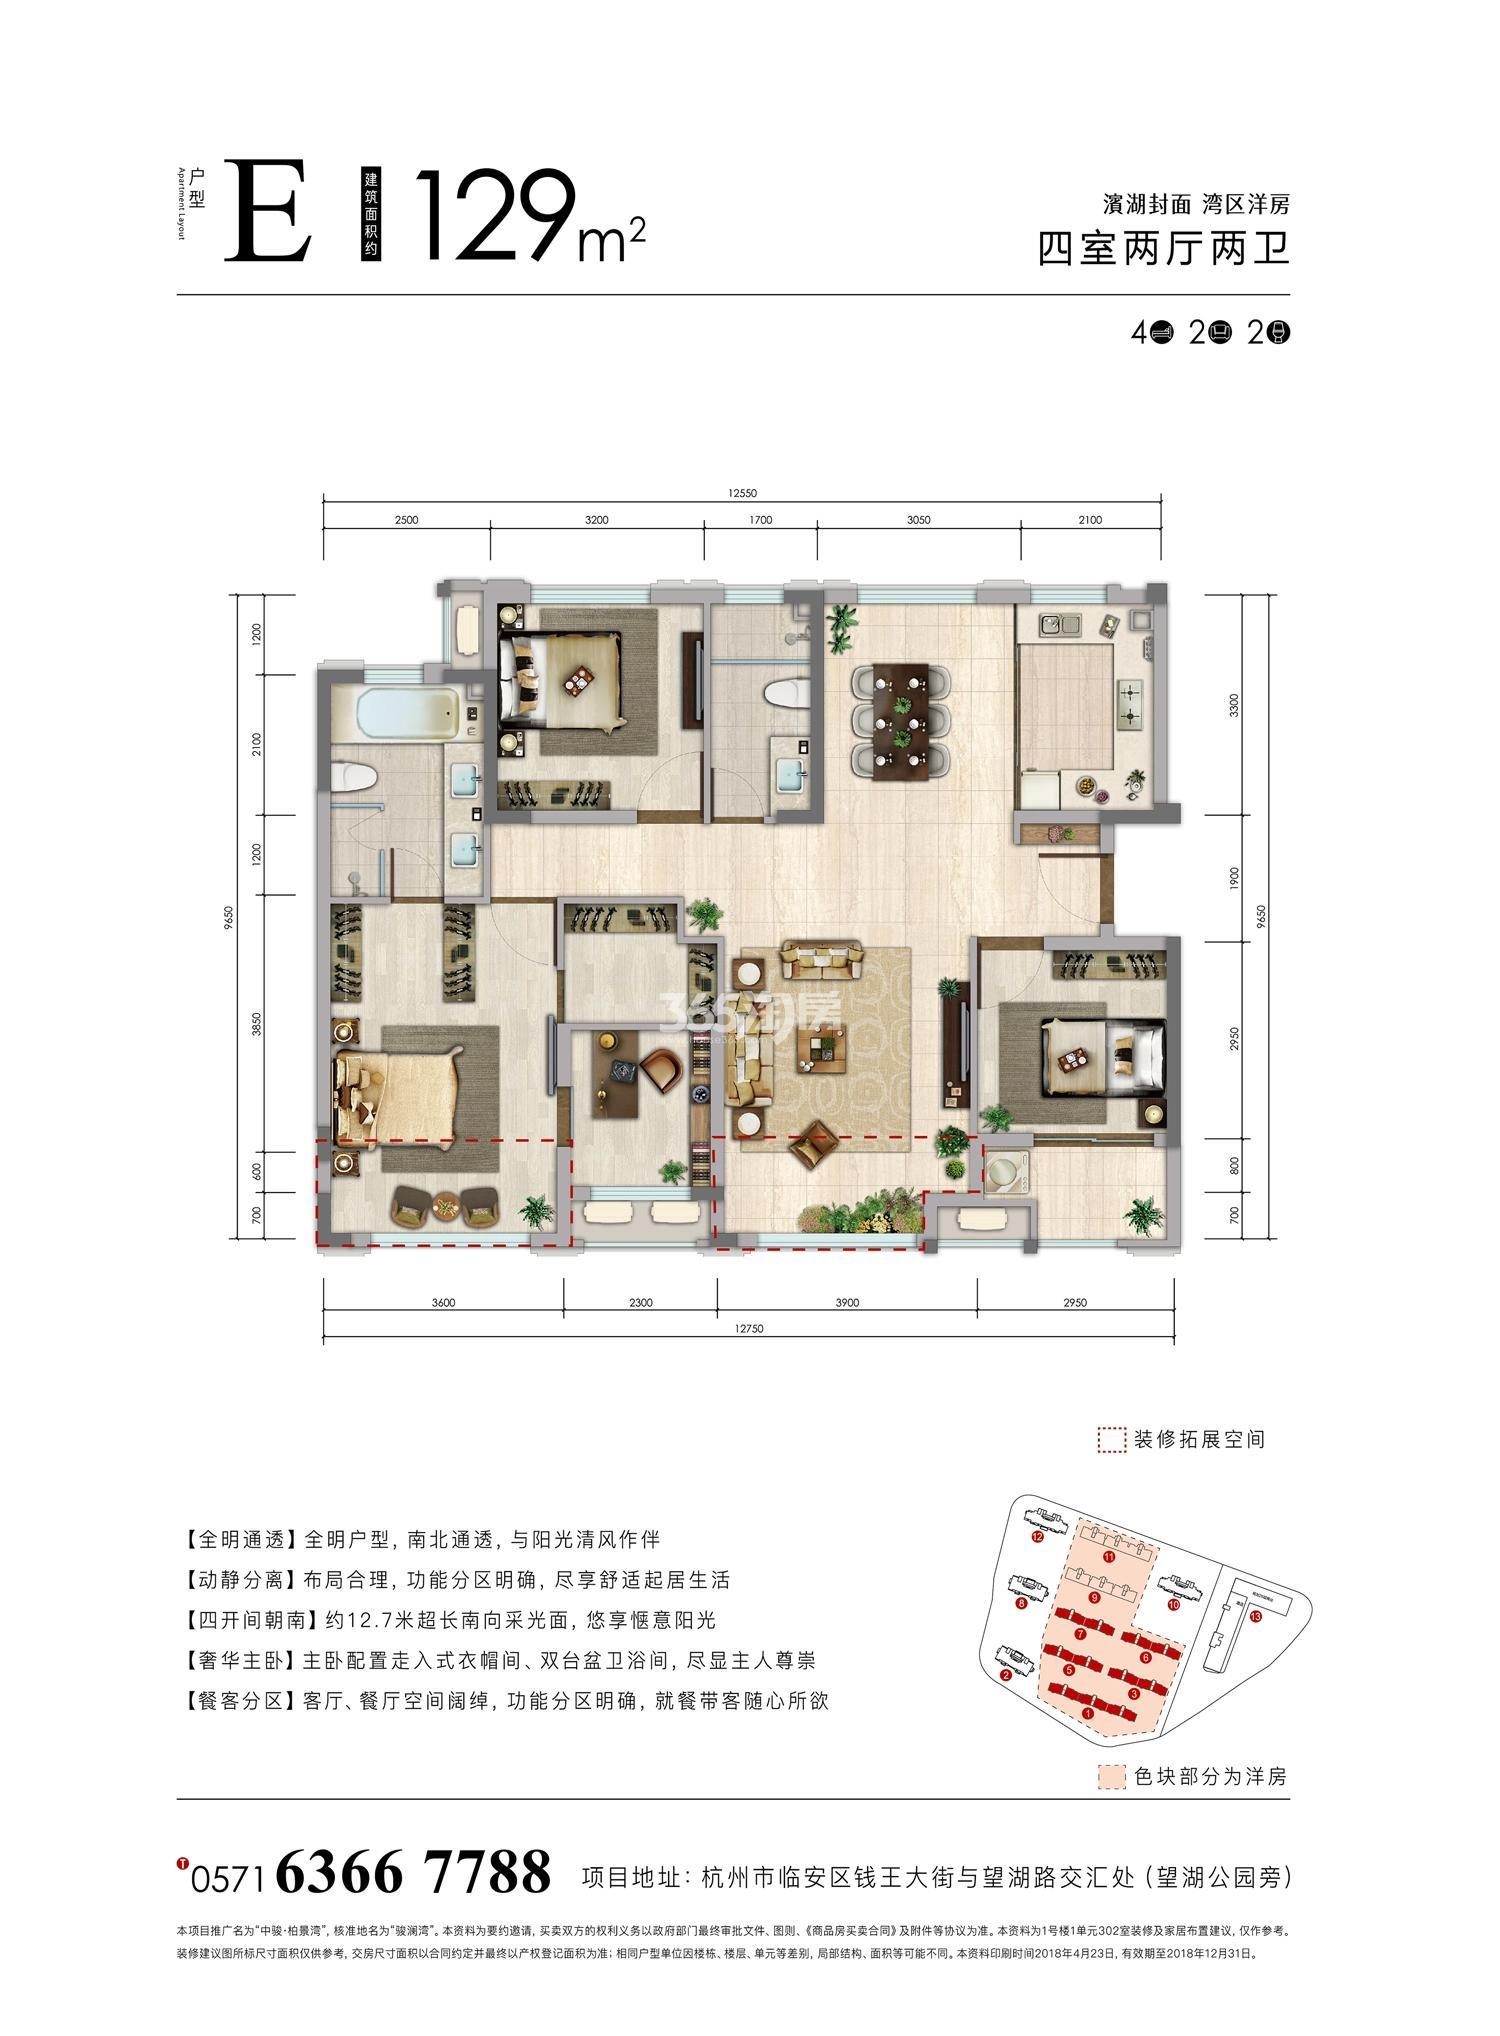 中骏柏景湾洋房E户型129㎡(1、3、5-7#)